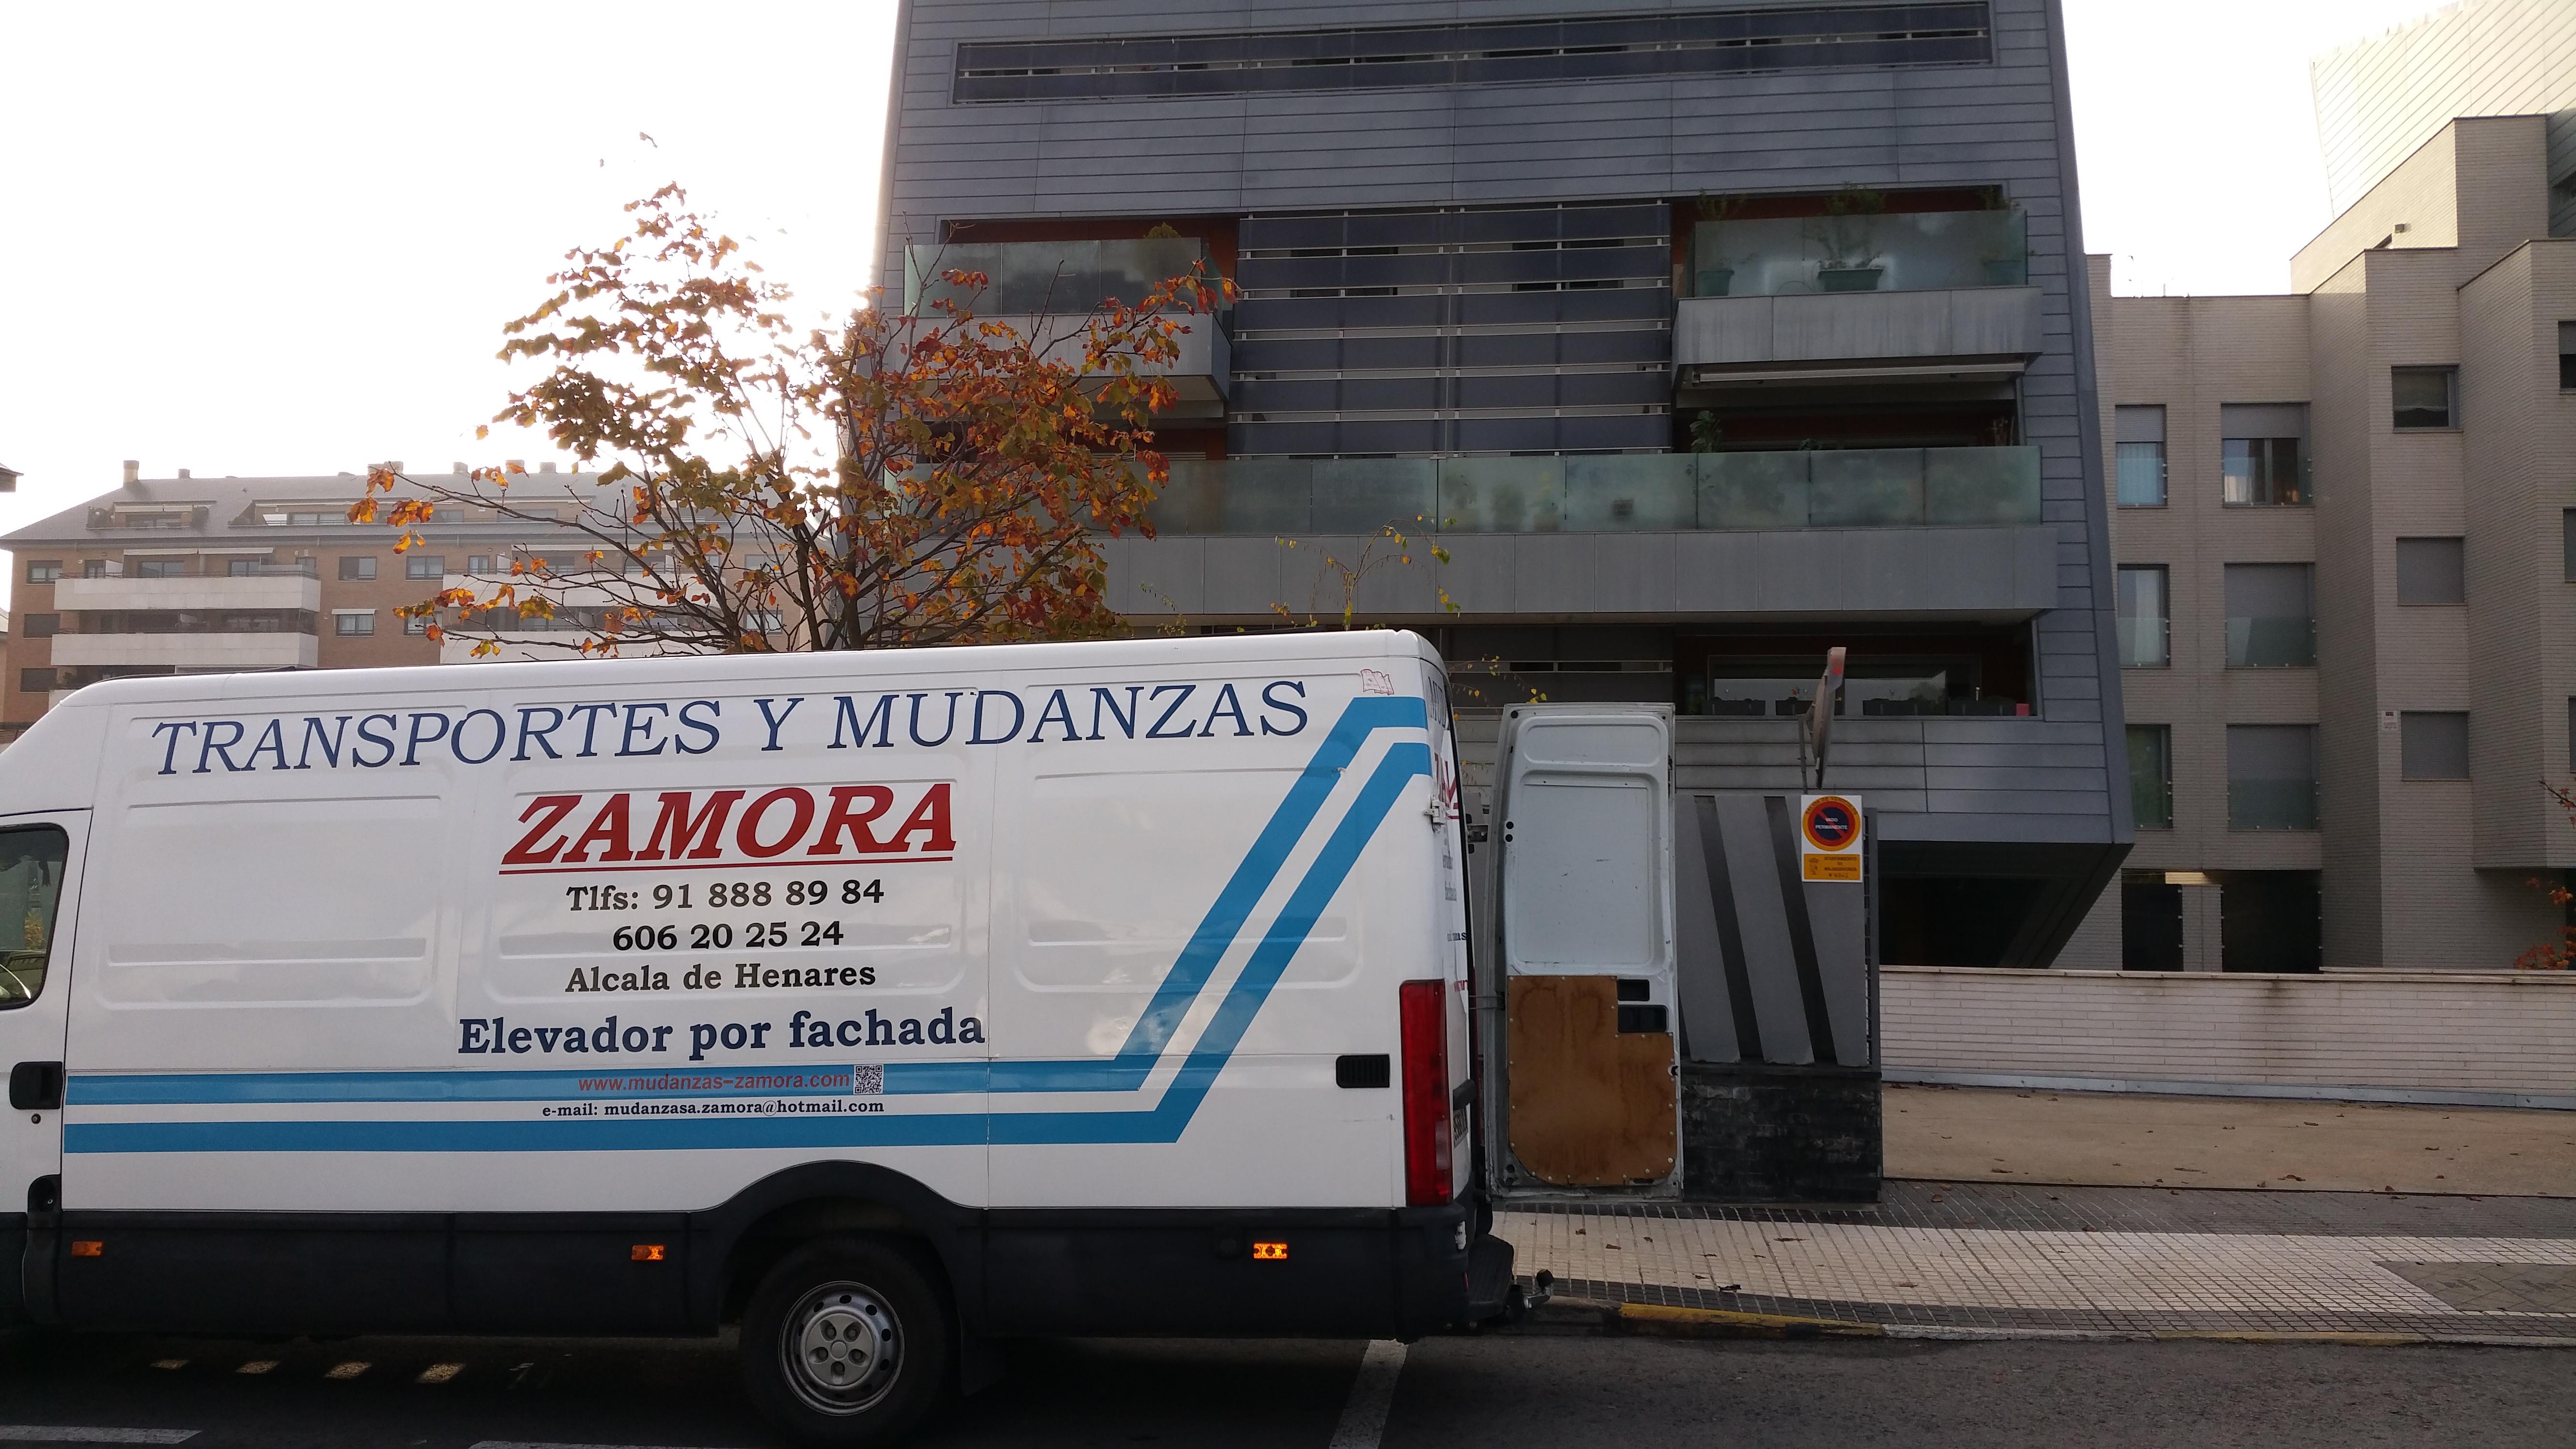 Empresas De Mudanzas En Alcala De Henares Of Mudanzas En Alcala De Henares